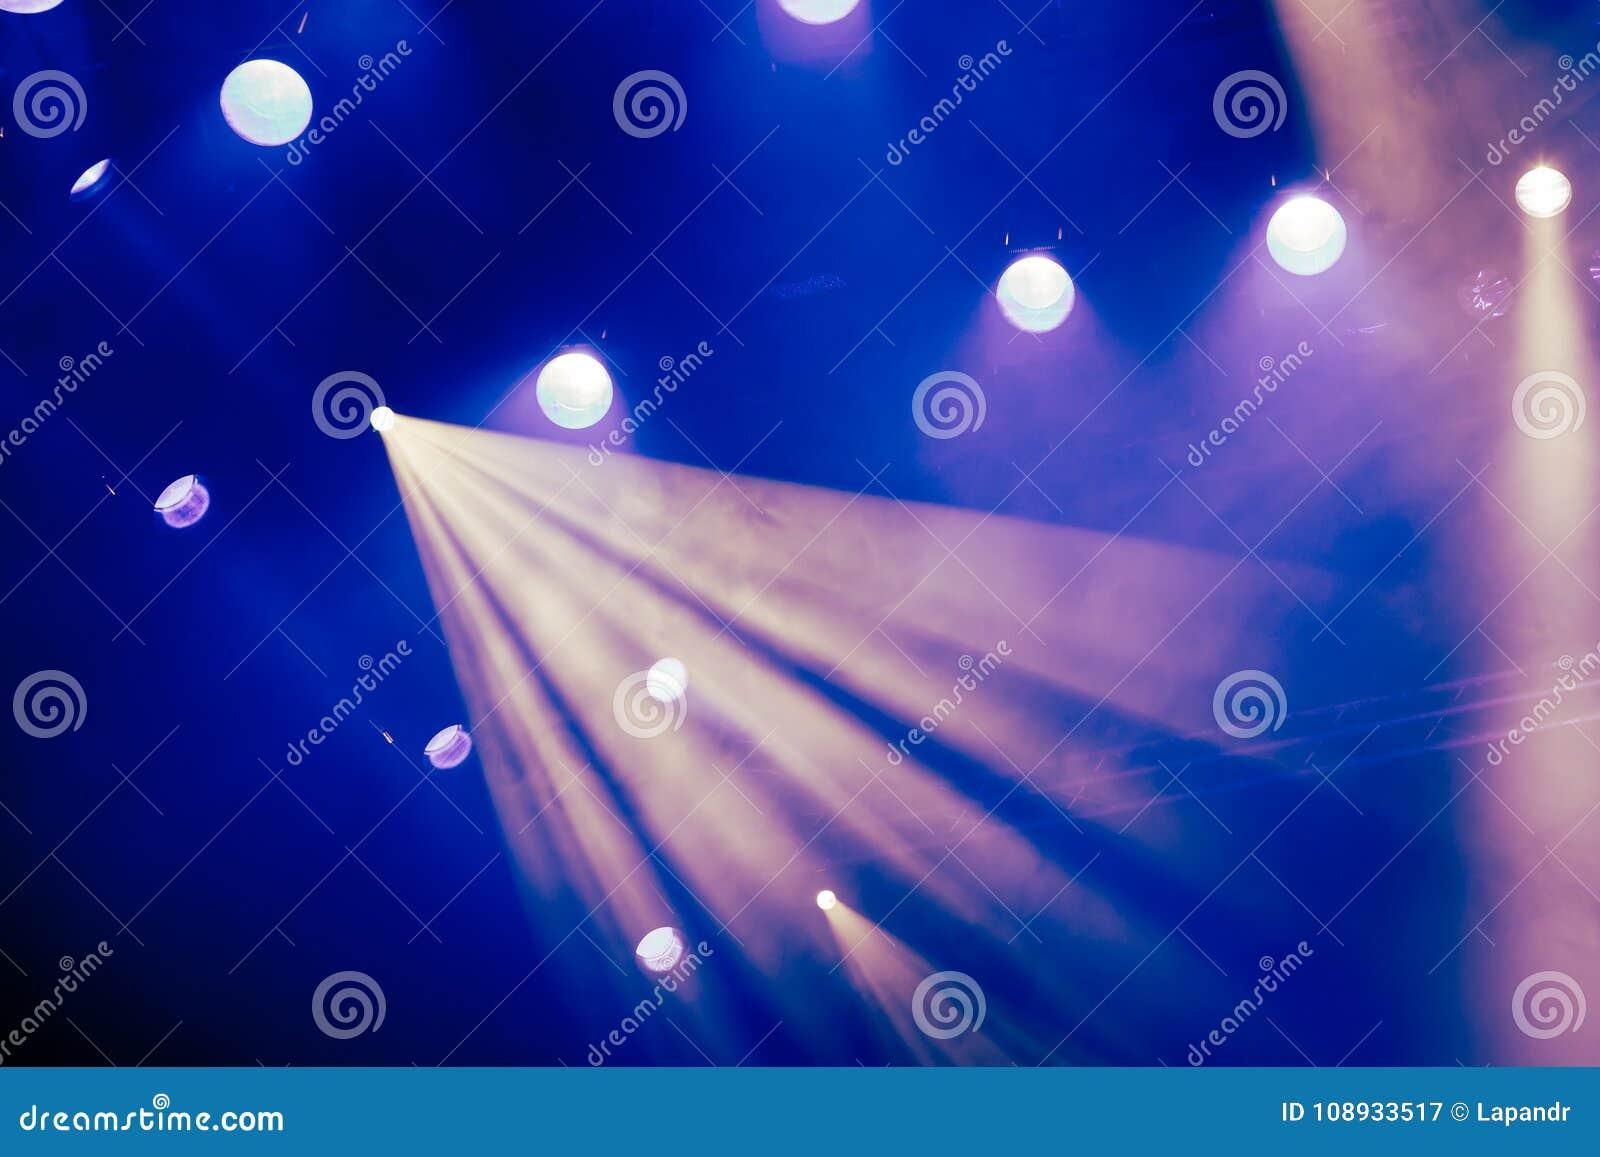 Natale a palermo ecco l illuminazione del teatro massimo foto